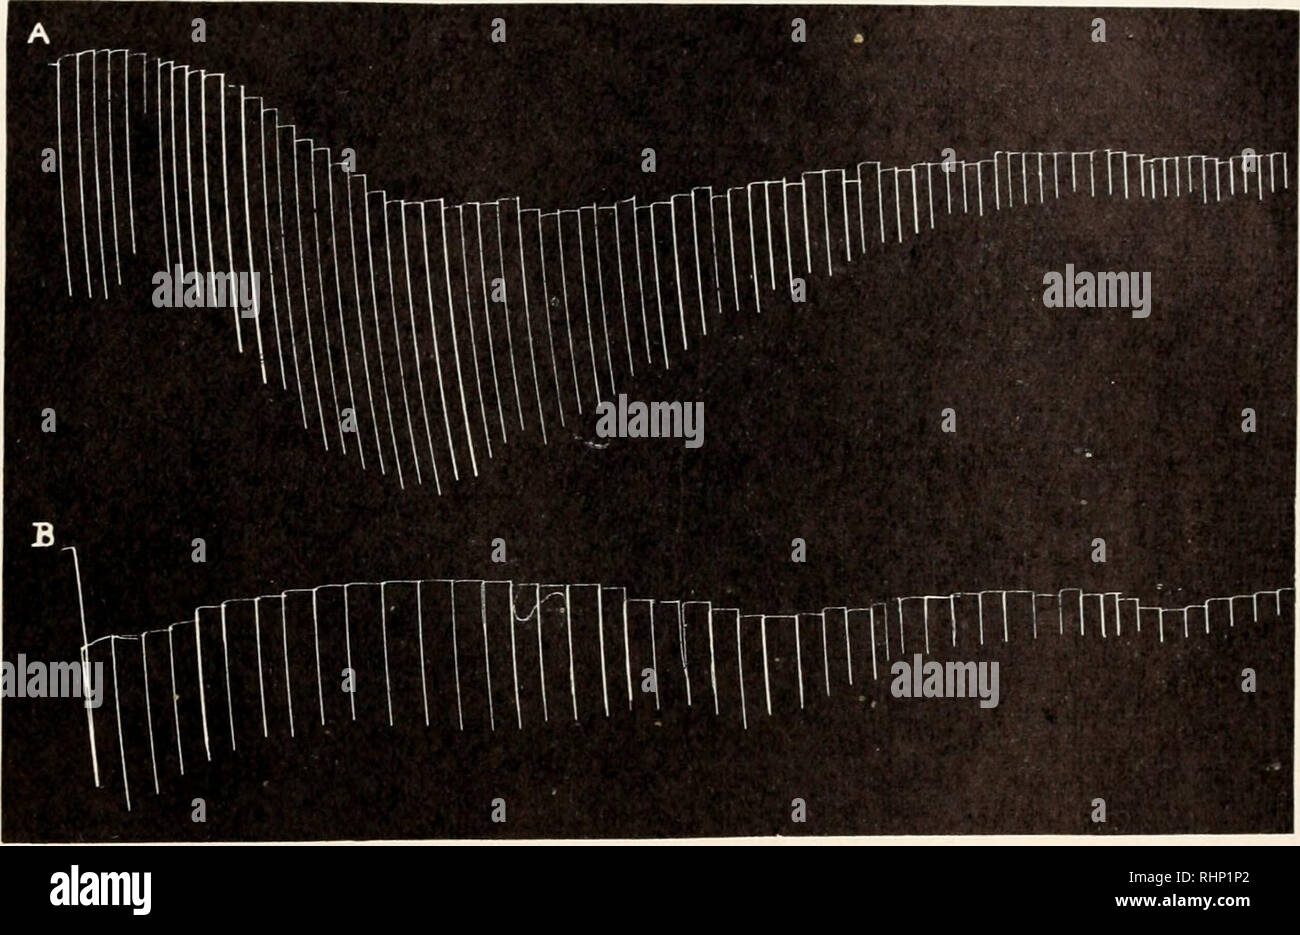 . Le bulletin biologique. Biologie; zoologie; biologie; biologie marine. Phénomènes d'augmentation dans le ver de l'acétylcholine et 307 qui a été antagonisé par la physostigmine. Ce qu'il pensait était probablement une forte concentration de la choline estérase. Si l'acétylcholine est produite par la stimulation de la préparation musculaire lombrics, et si ce n'est pas complètement hydrolysé par la choline esterase avant la prochaine stimulation, la persistance de l'acétylcholine pourrait être la cause de l'augmentation des réponses. L'application de phy- sostigmine ce qui empêche l'action de la choline estérase pourraient, par conséquent, s Banque D'Images